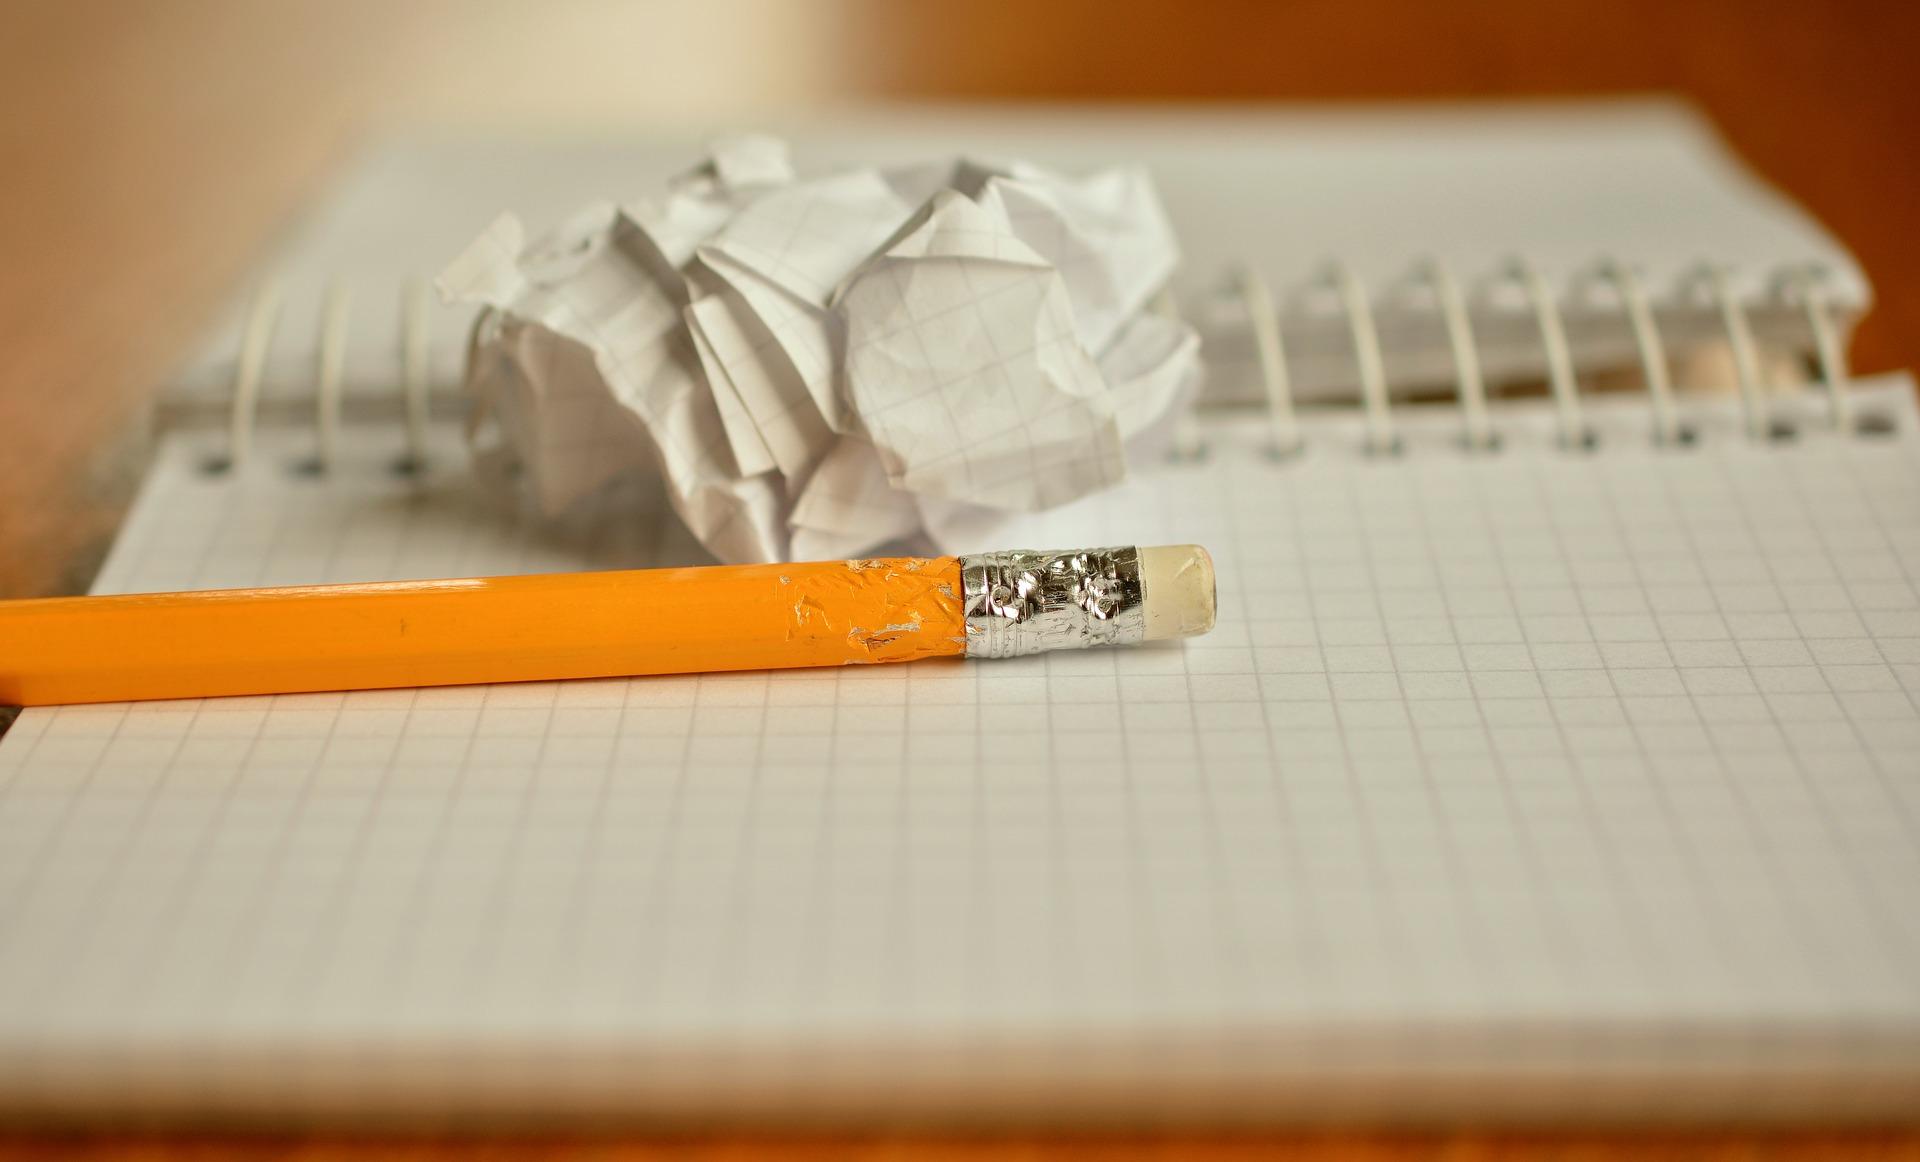 Un cuaderno en blanco abierto, con un lapiz amarillo sobre él y un papel a rrugado en una bola a su lado.